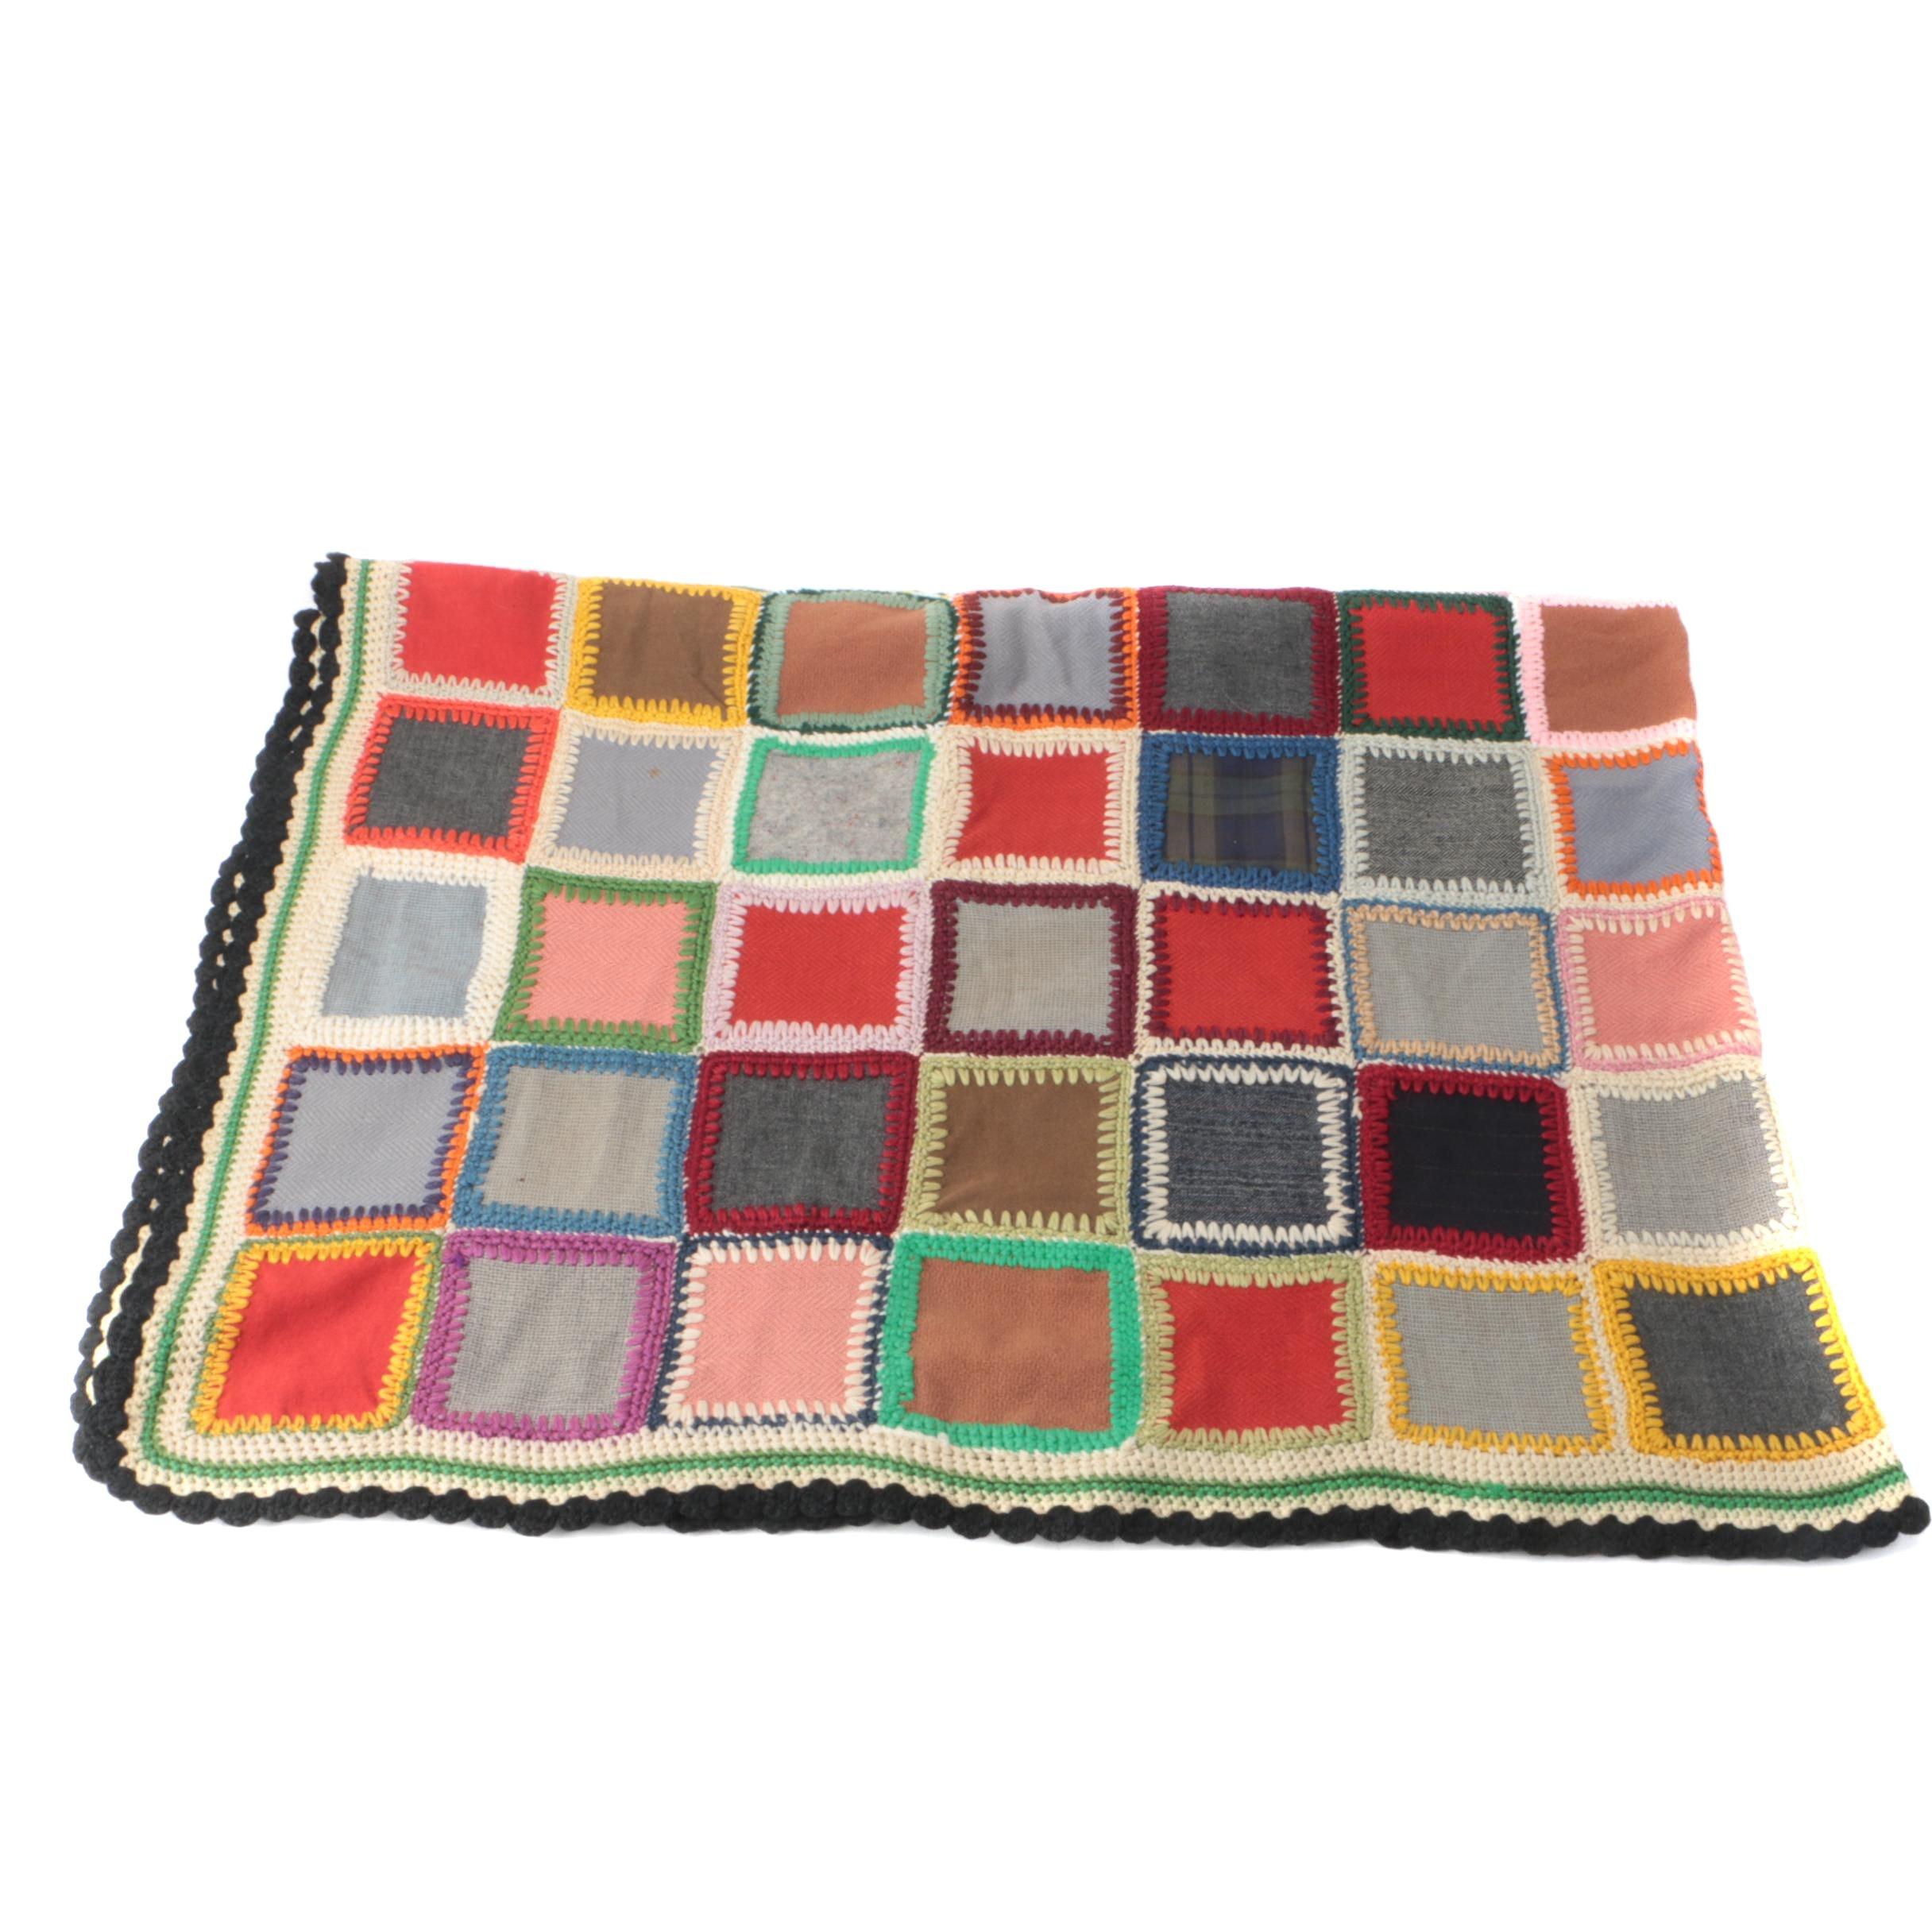 Vintage Crochet-Joined Patchwork Blanket